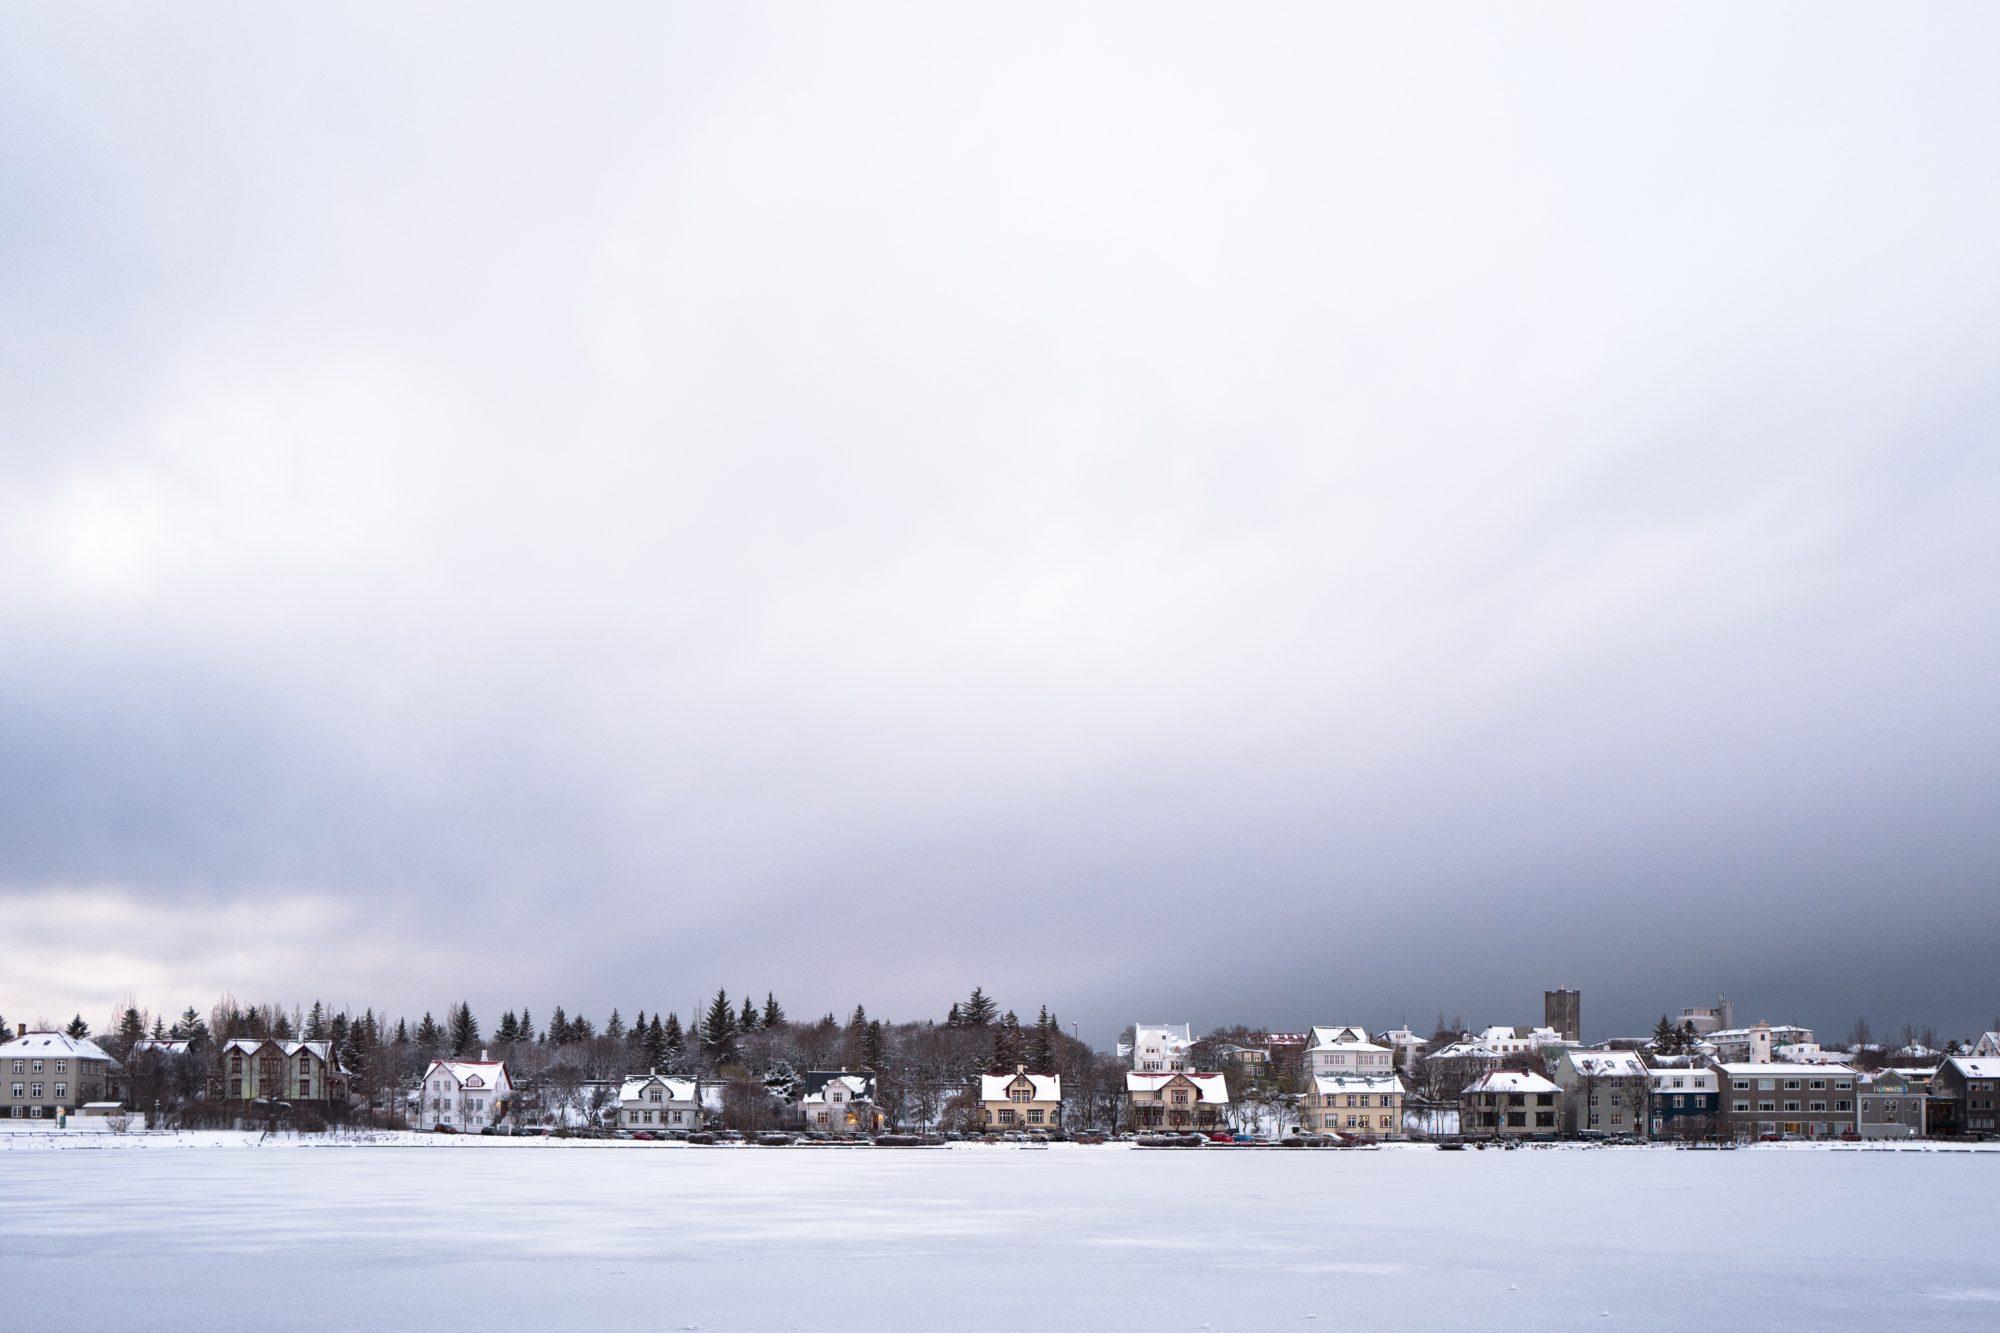 Fríkirkjuvegur, Reykjavík, Iceland